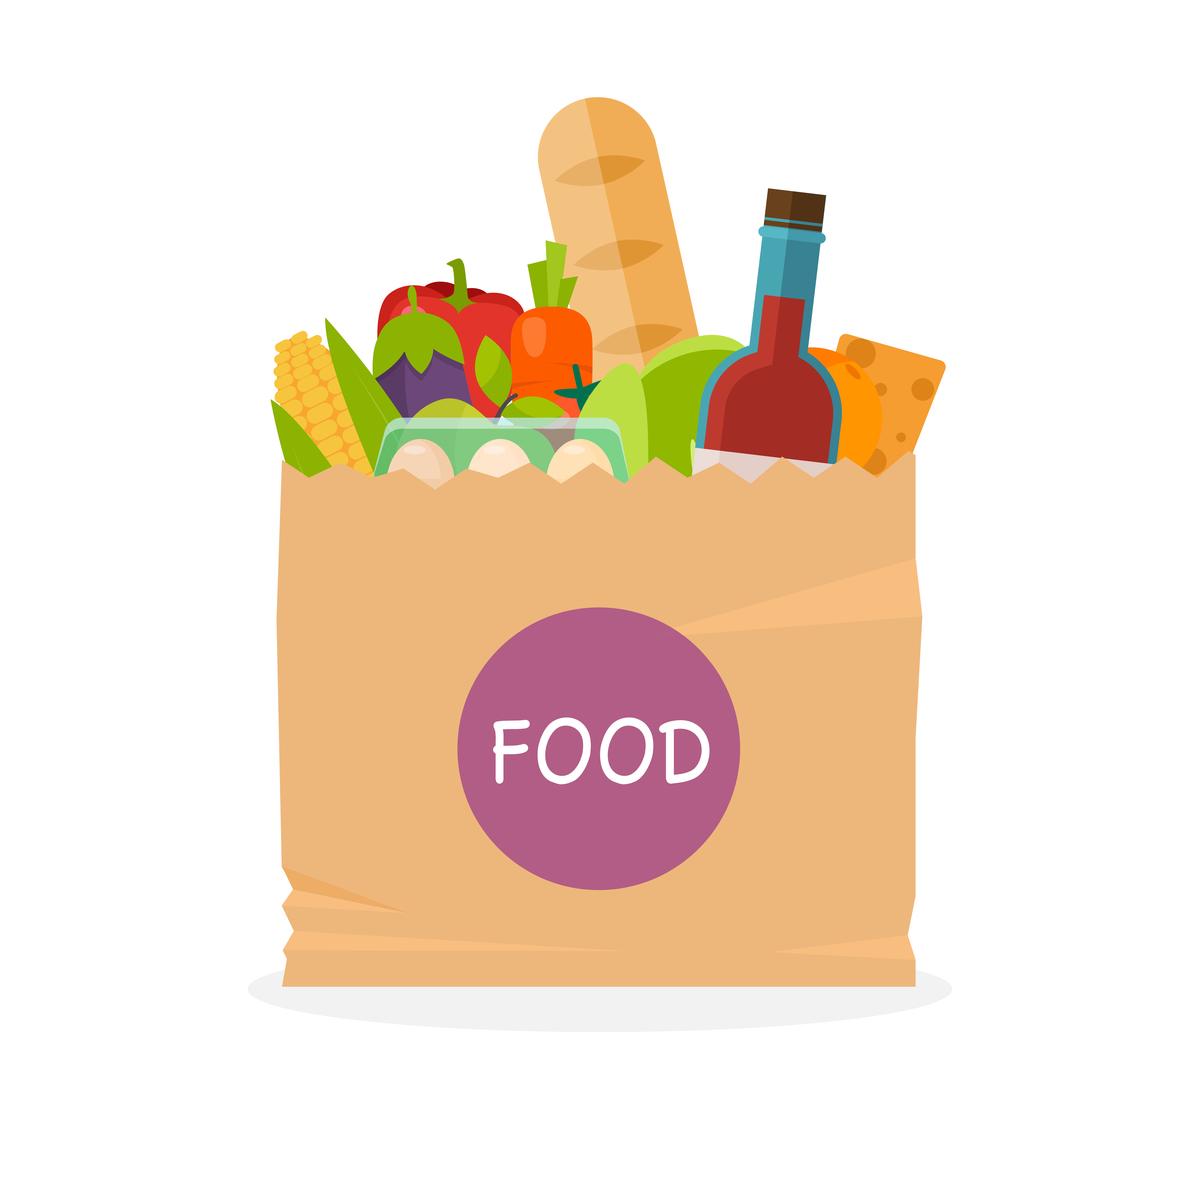 Food 1200 x 1200.jpg